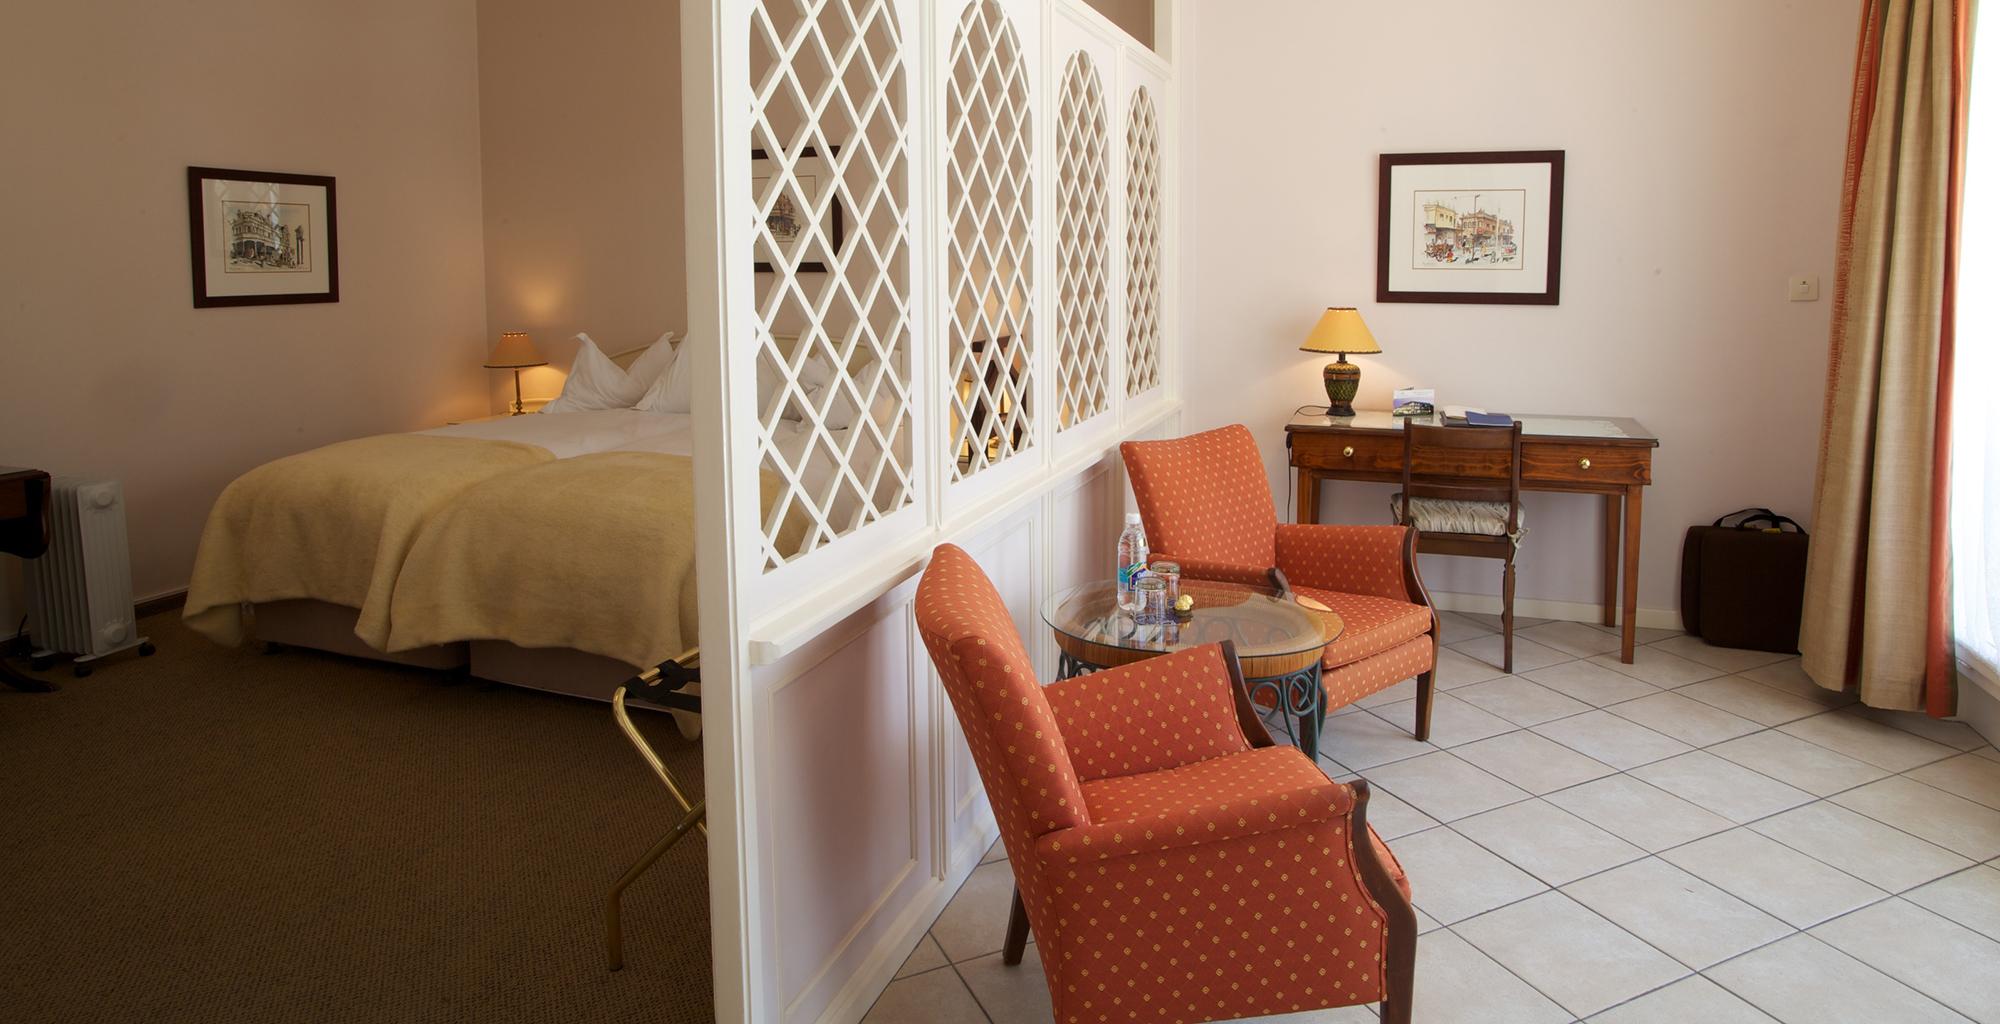 Namibia-Hansa-Hotel-Bedroom-Seats